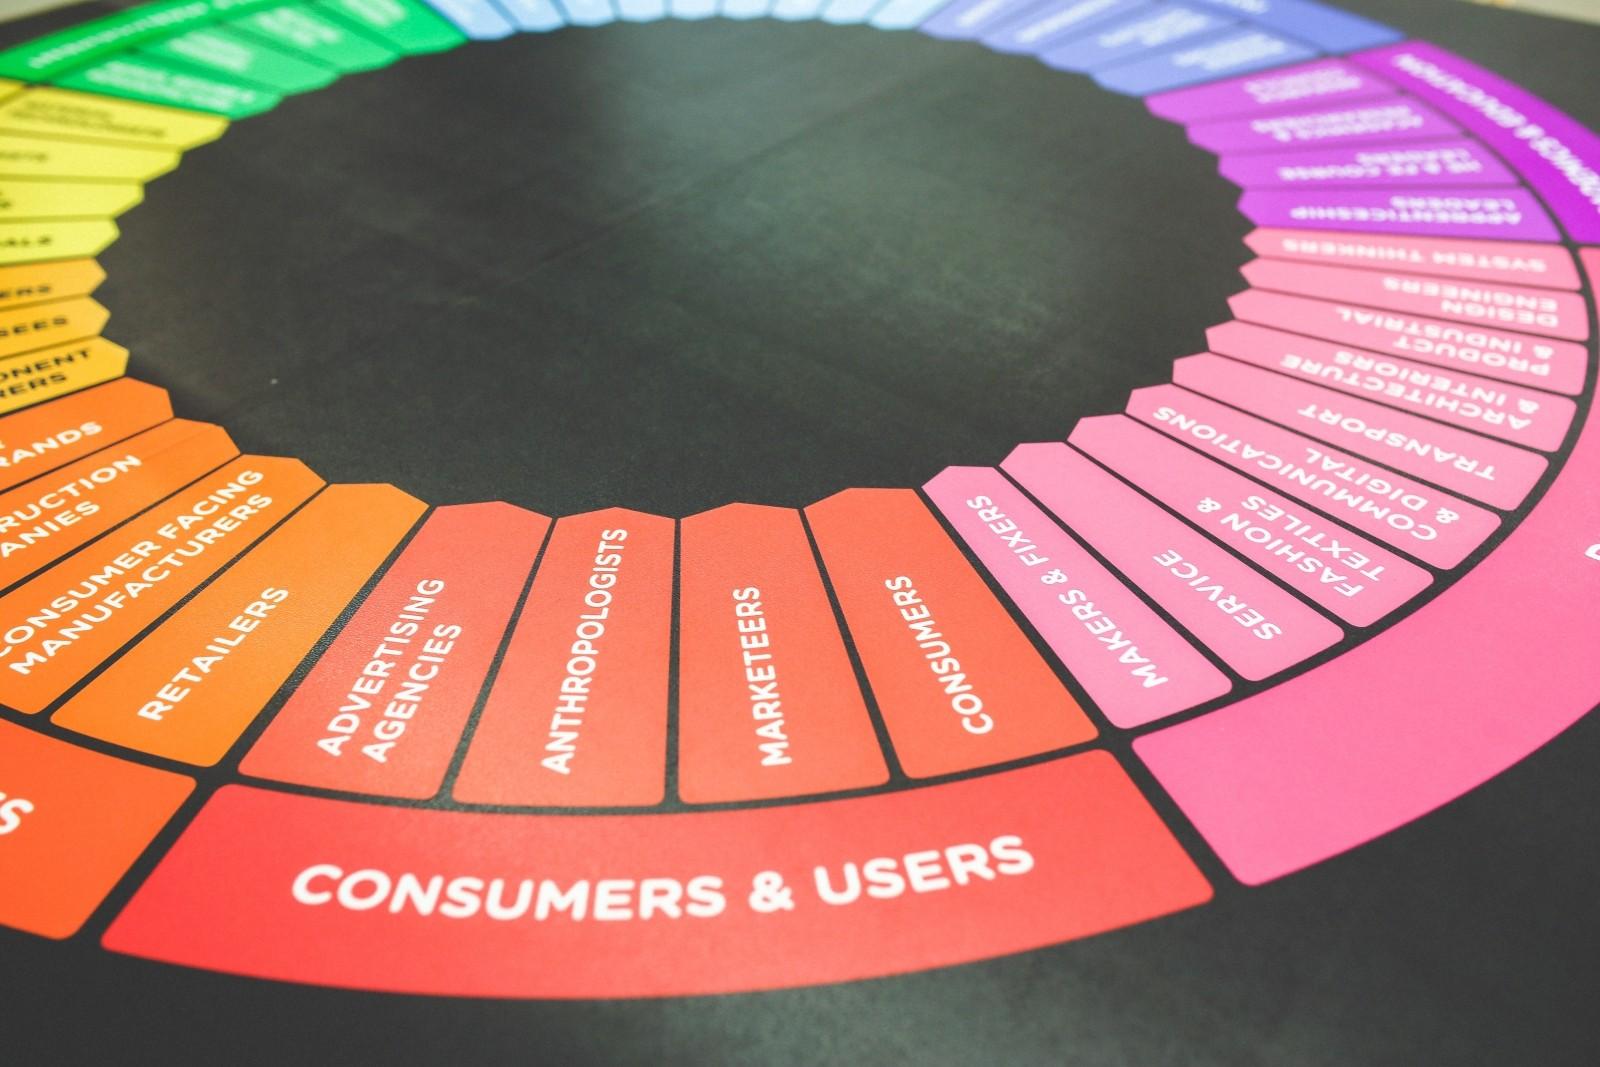 Consulente e-commerce come sceglierlo